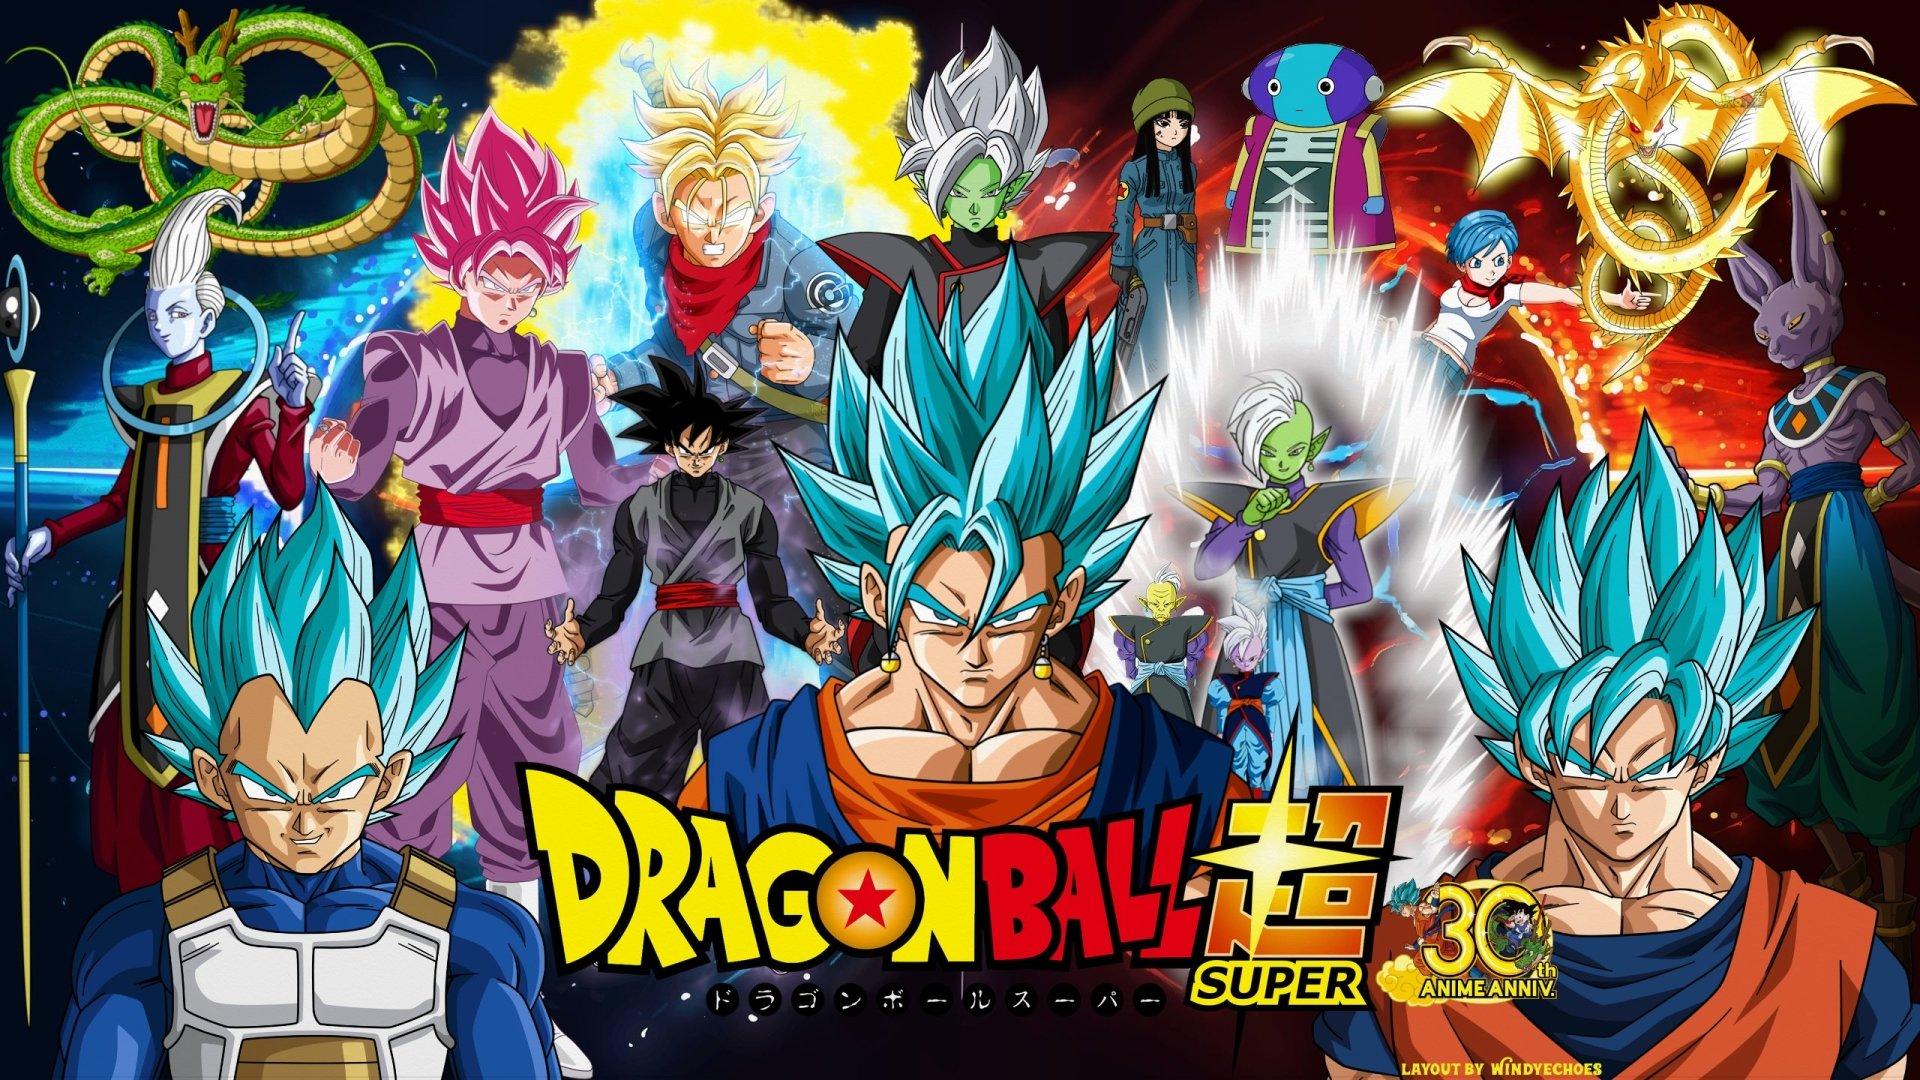 Fondos de Dragon Ball Super, Wallpapers Dragon Ball Z Super Gratis